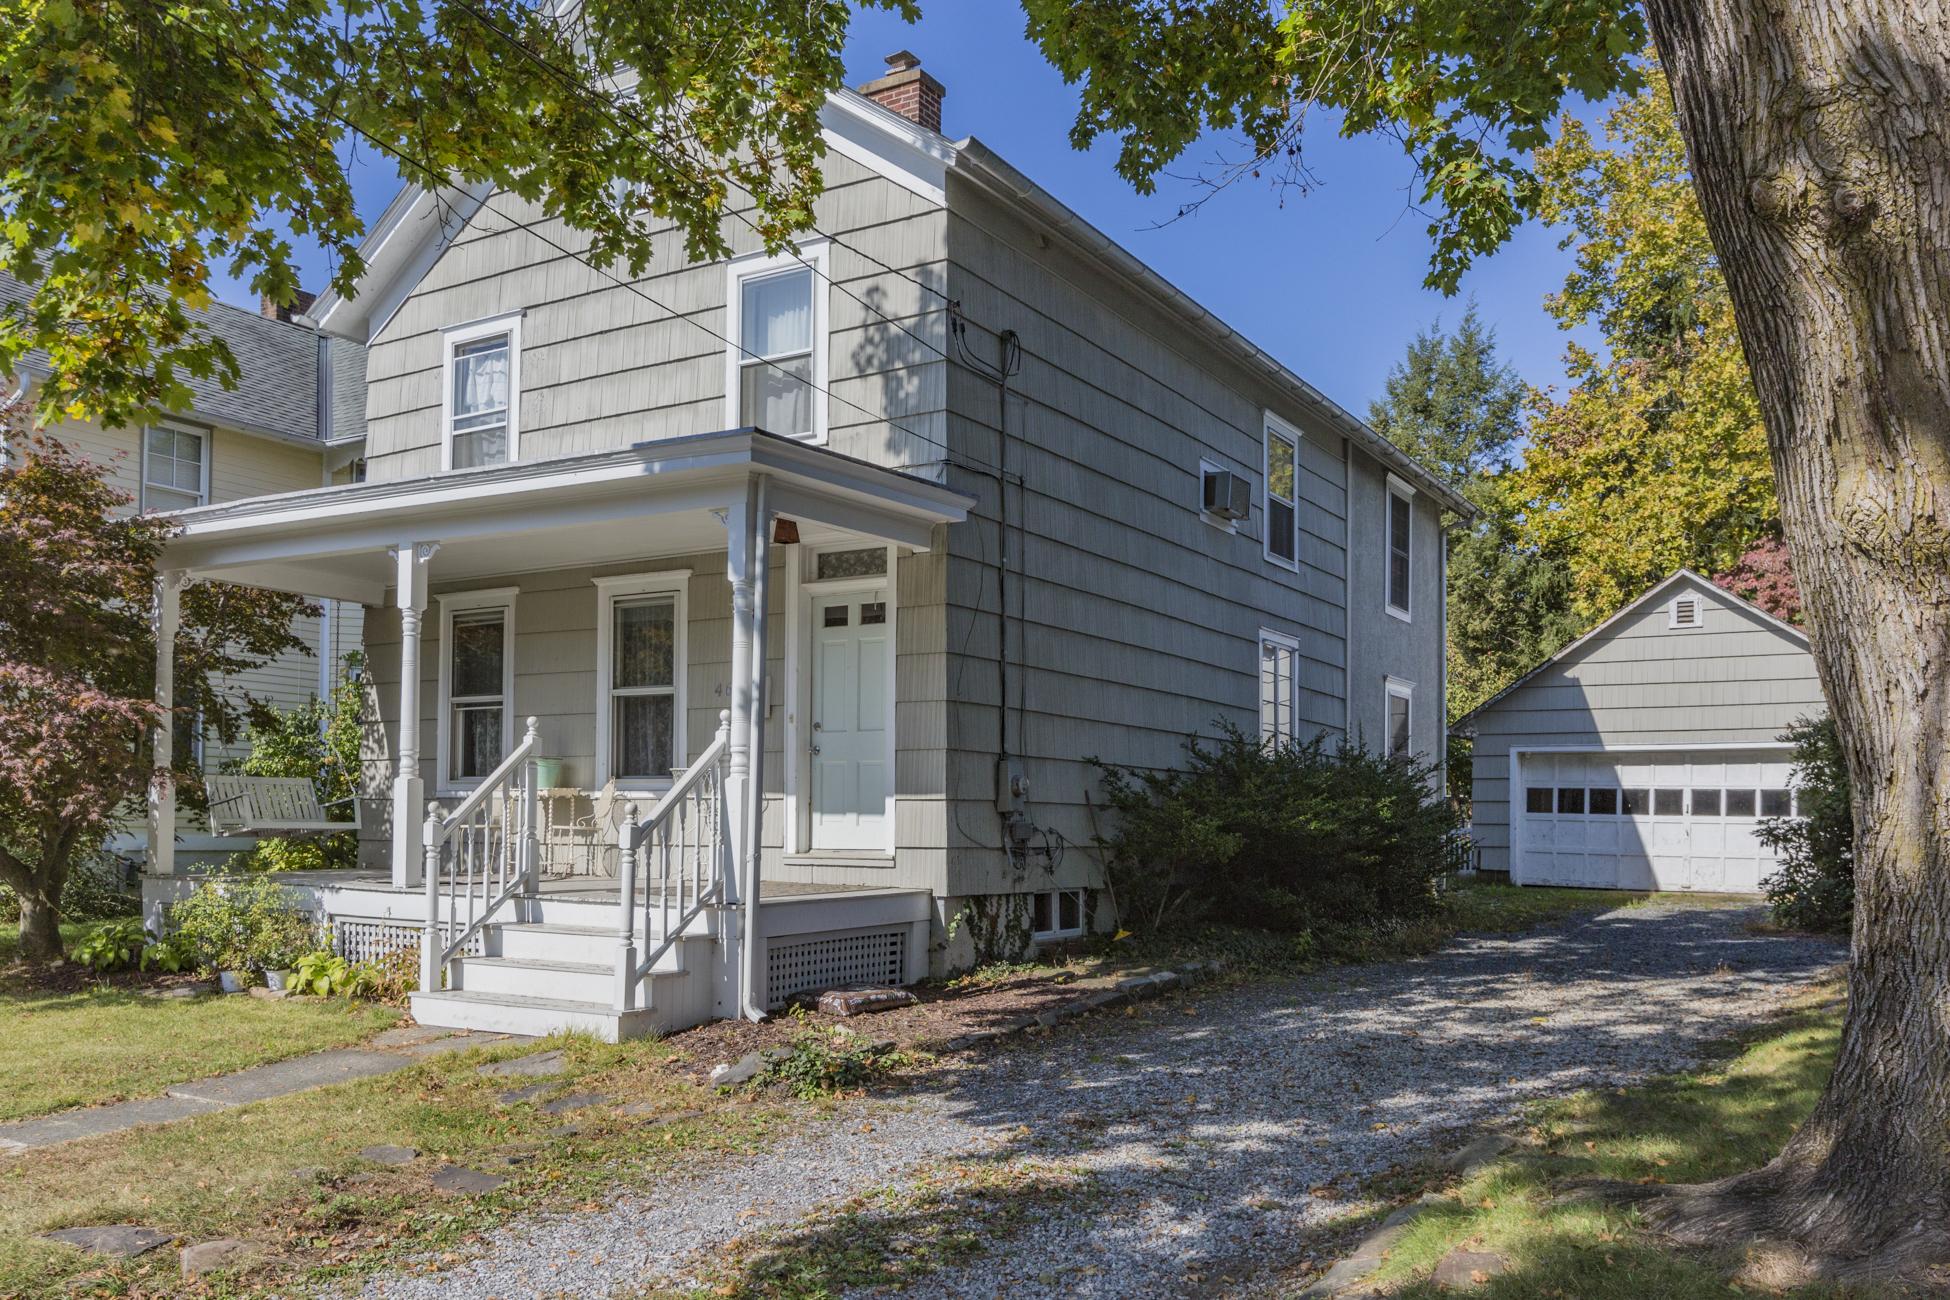 Maison unifamiliale pour l Vente à A Vintage Vibe In A Vibrant Community 46 Model Avenue Hopewell, New Jersey, 08525 États-Unis